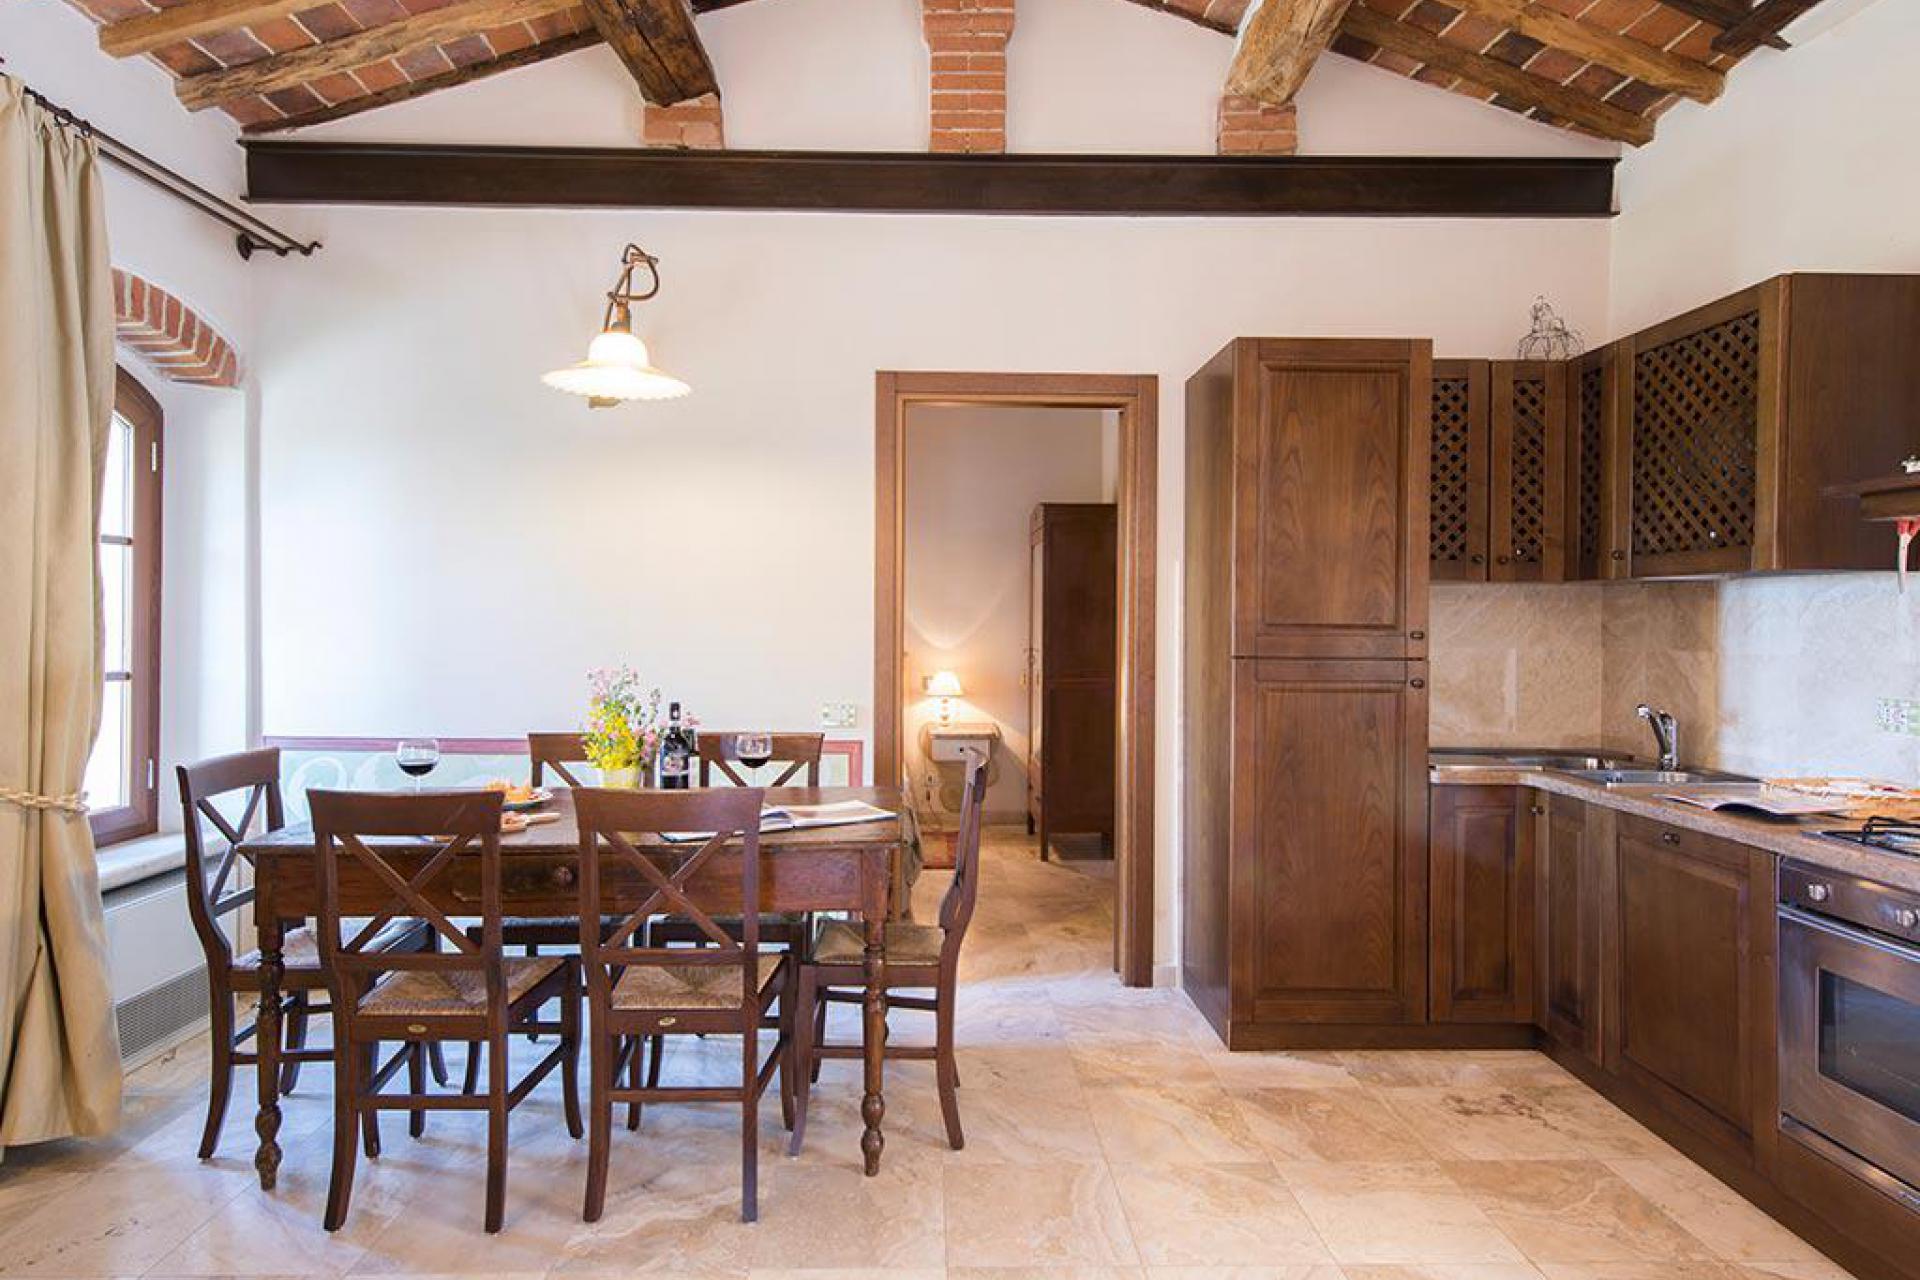 Agriturismo Toscane Luxe agriturismo Arezzo-Siena in Toscane | myitaly.nl